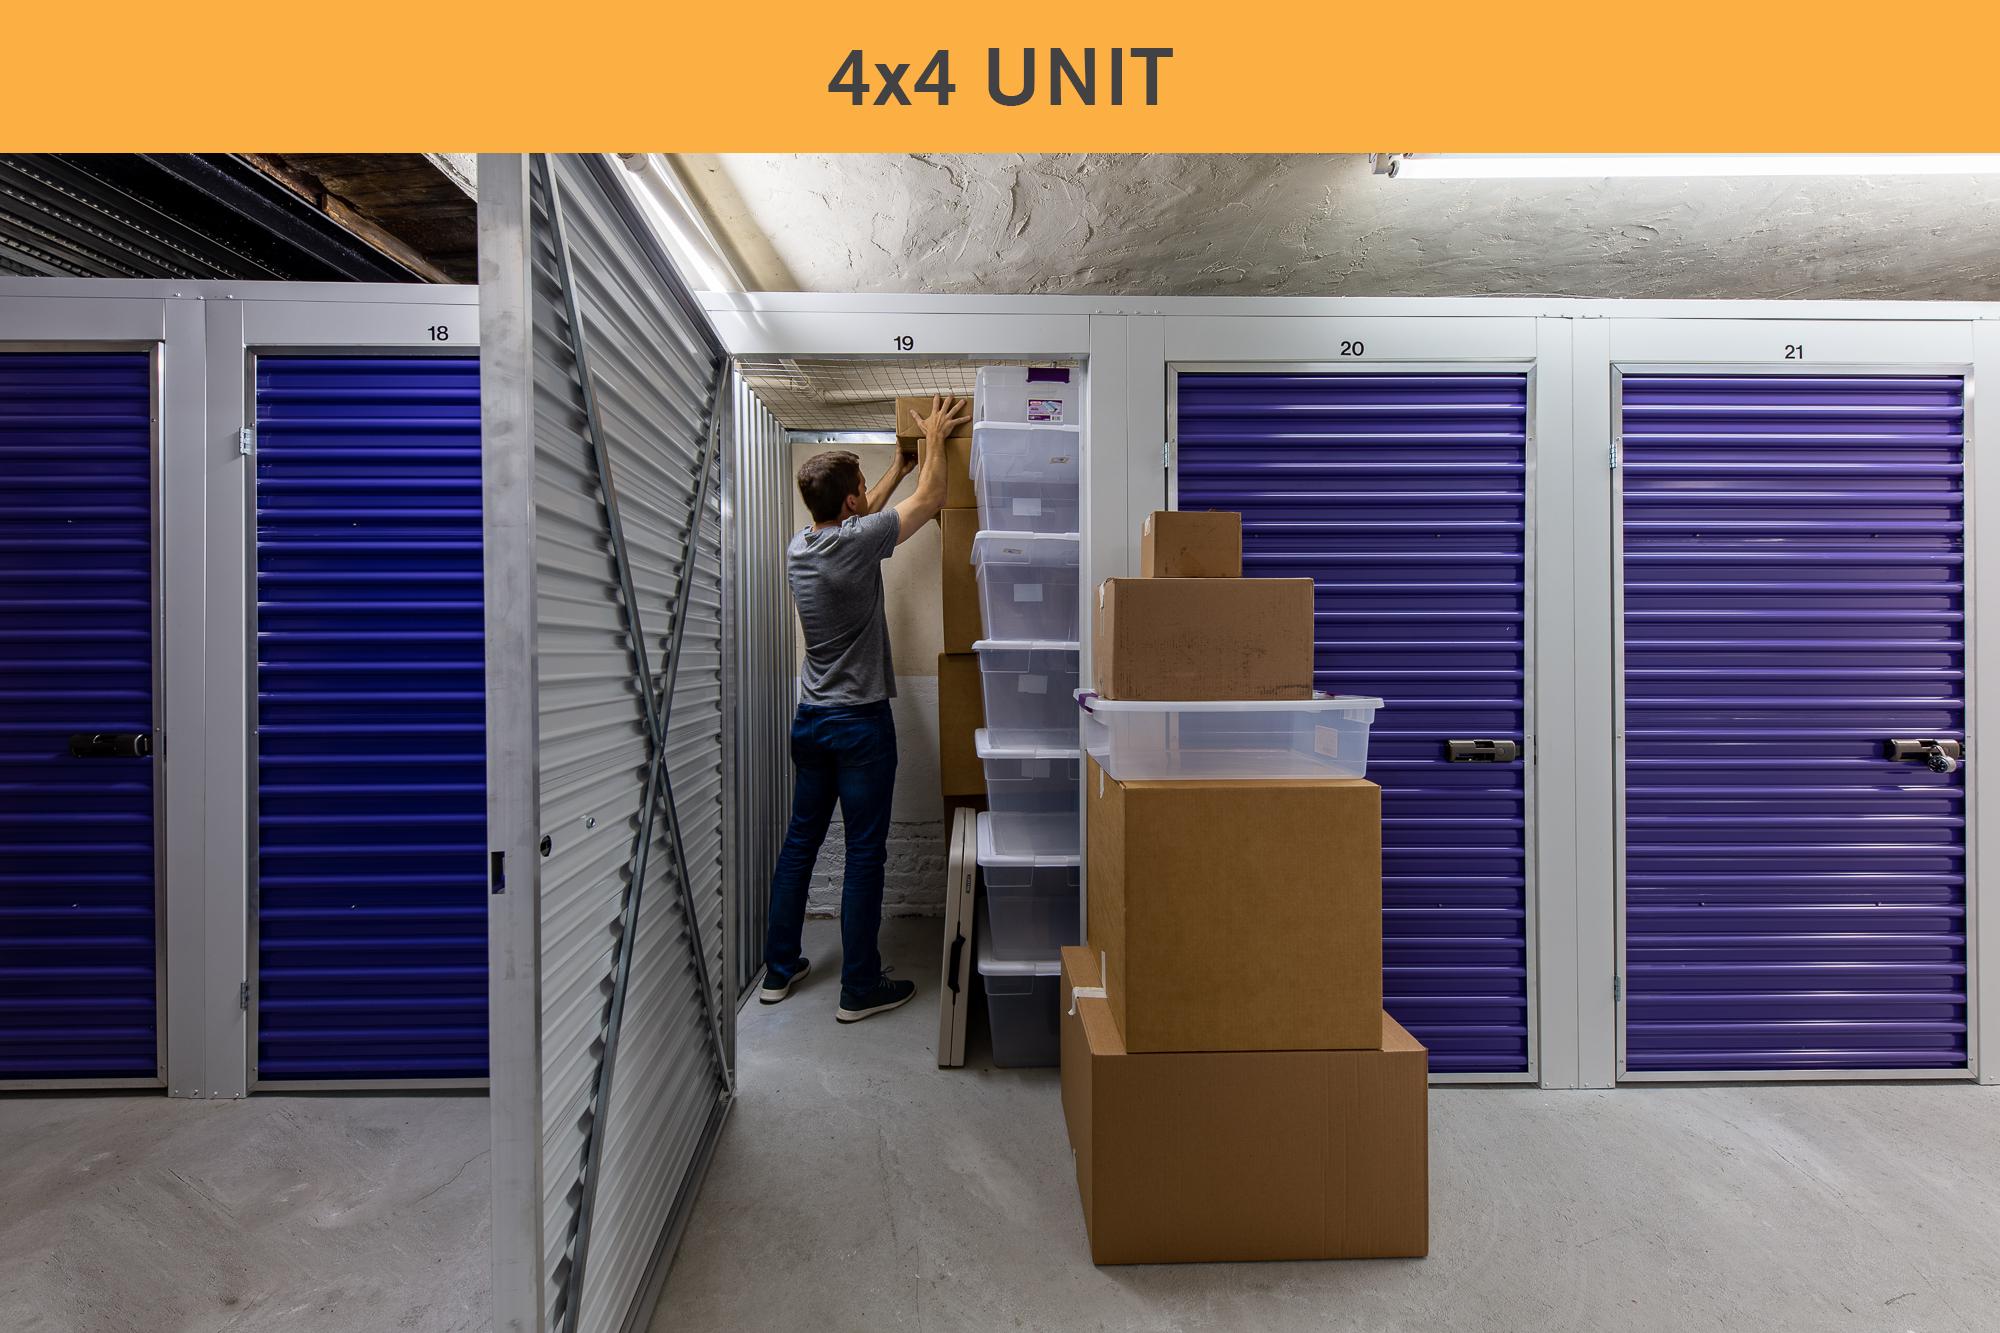 4x4 Unit